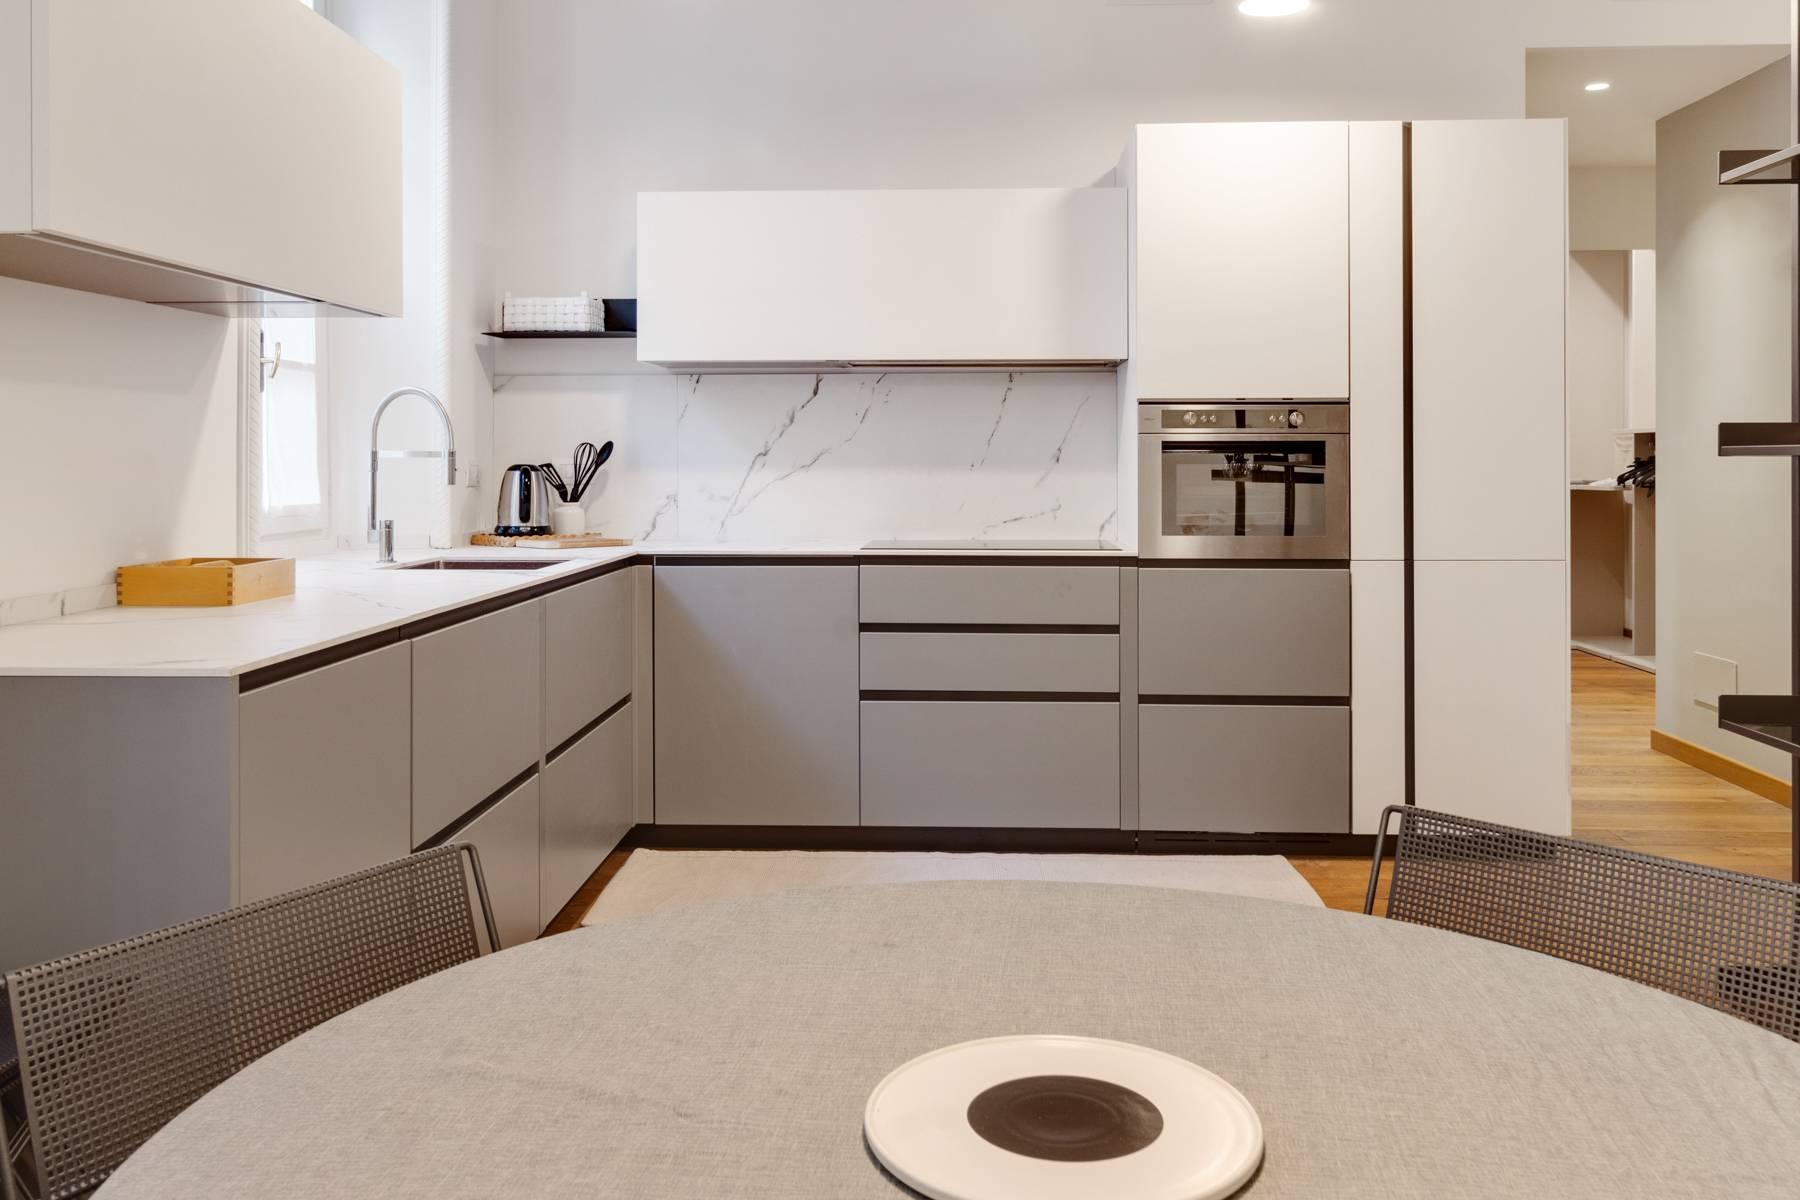 Appartamento in Affitto a Torino: 3 locali, 86 mq - Foto 17